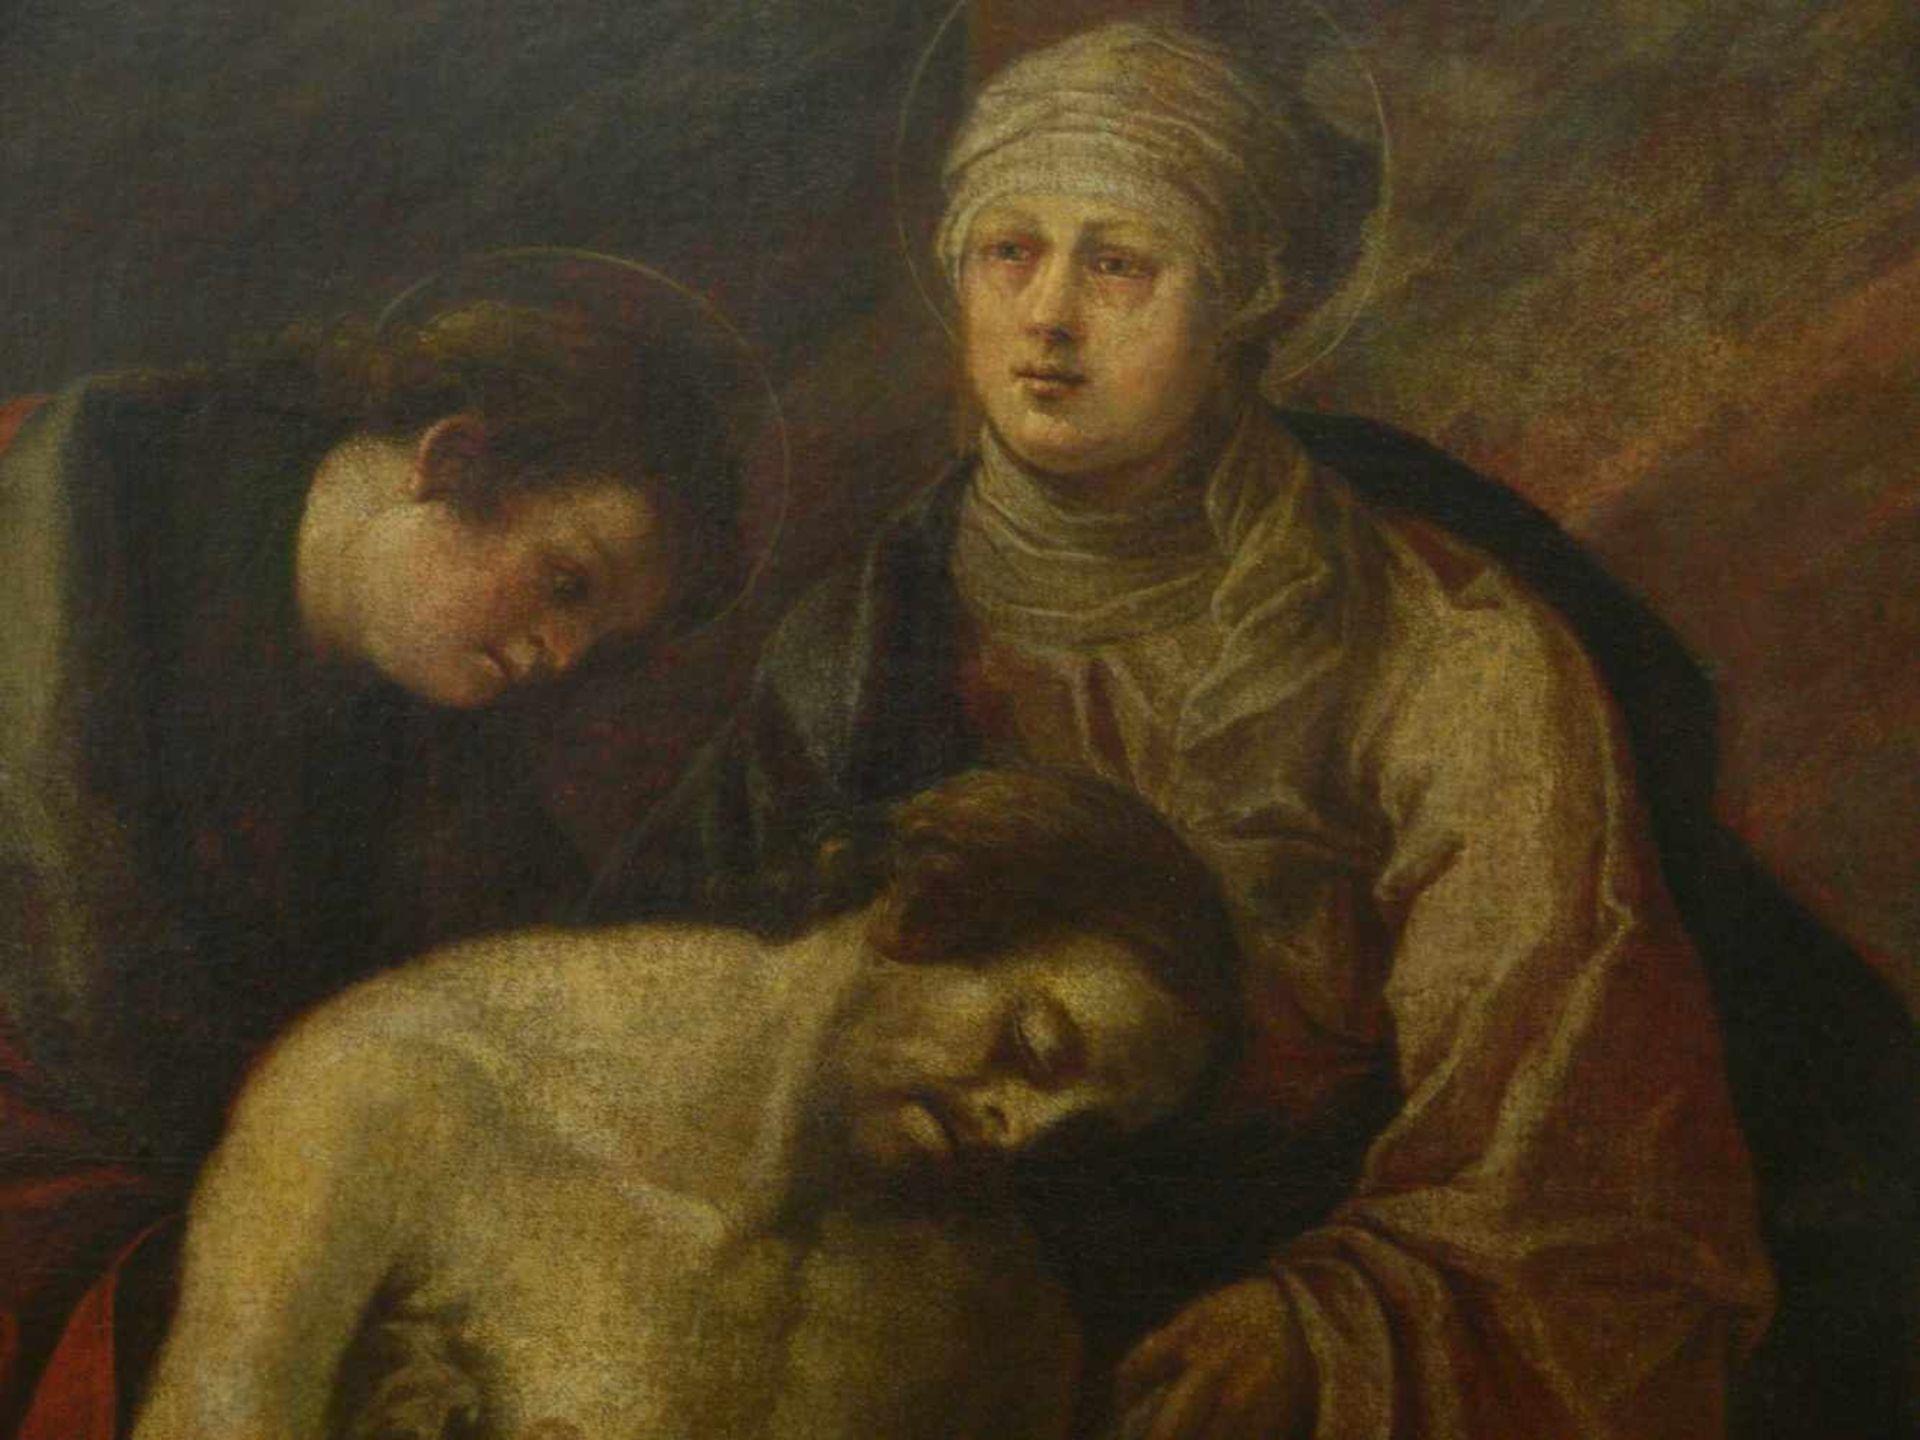 Niederländischer Meister - Beweinung Christi 18. Jhd.Lebensgroßes Hochformat. Johannes und Maria - Bild 2 aus 4